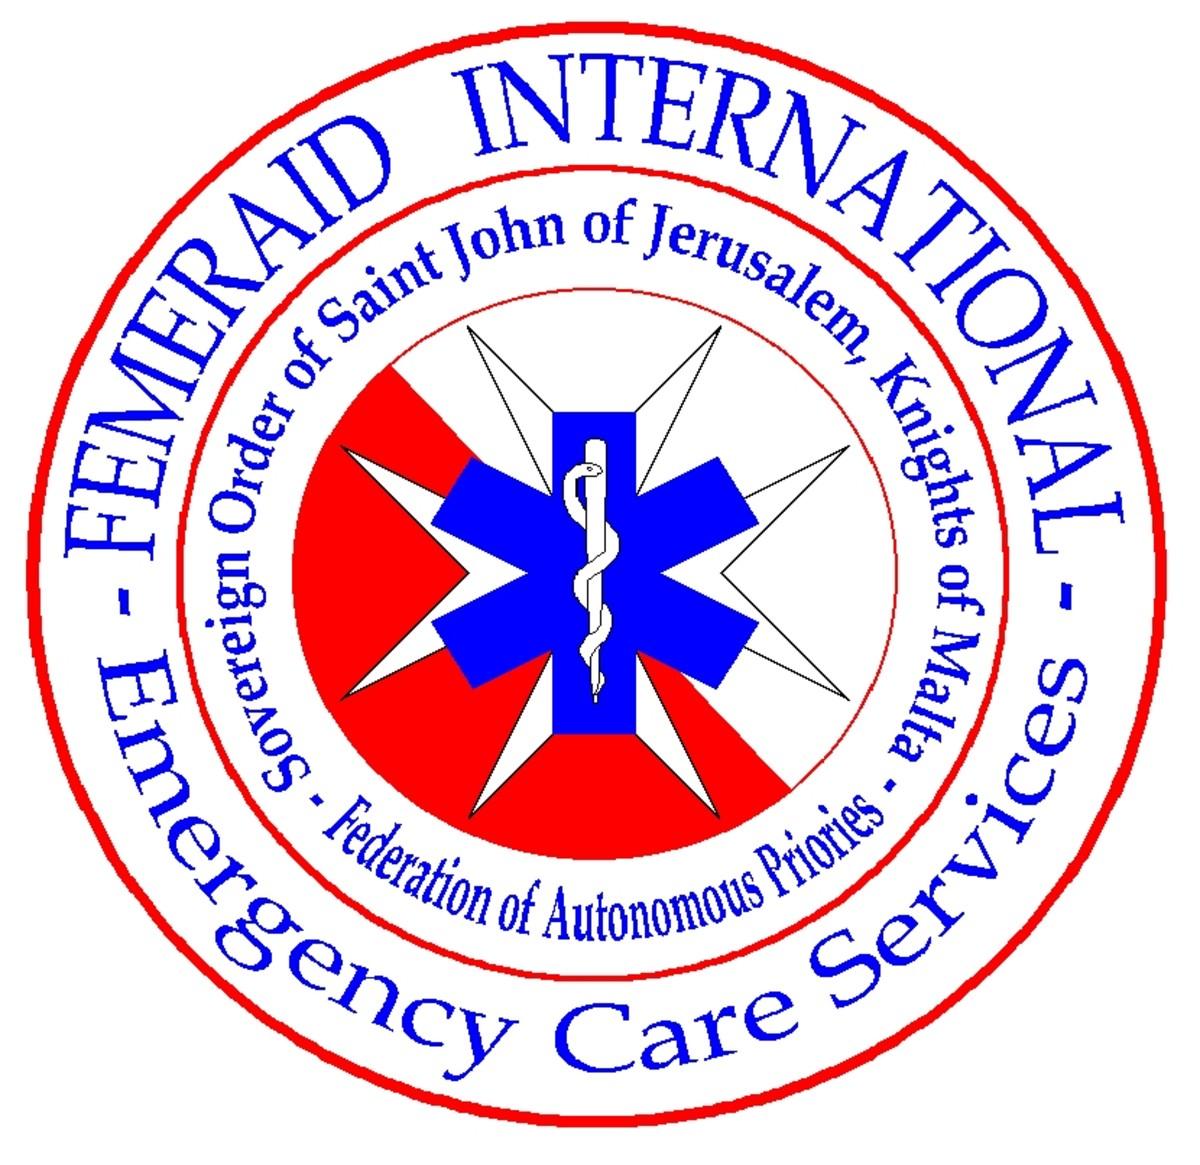 Femeraid International Logo. Sovereign Order of St. John of Jerusalem, Knights of Malta.